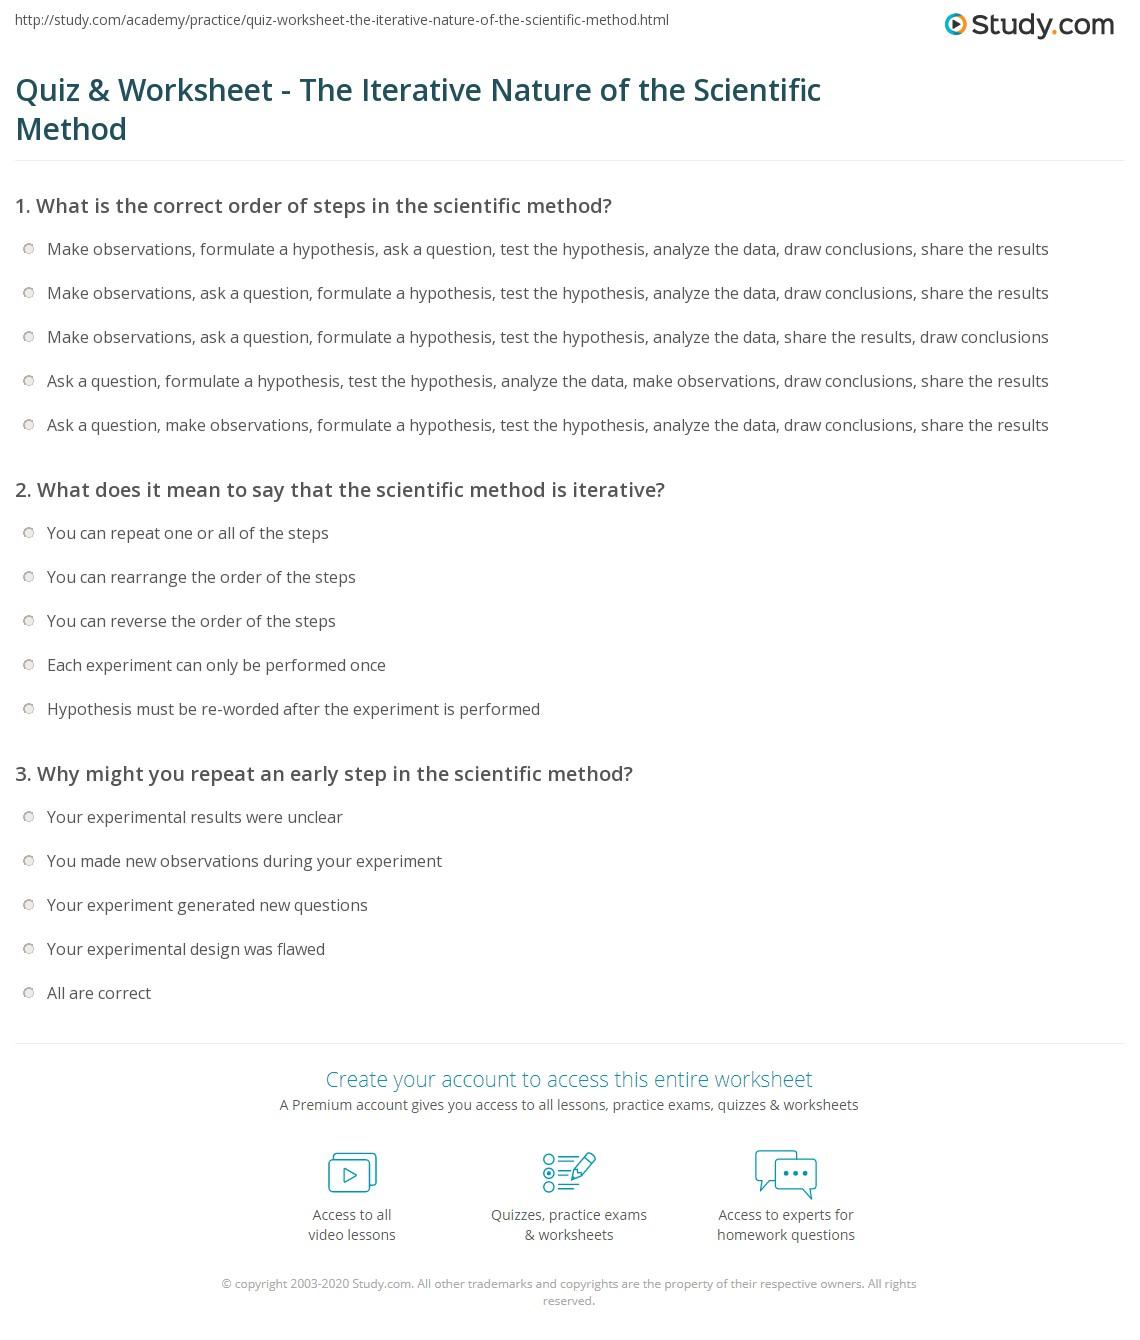 Quiz W Ksheet Iter Tive N Ture Of Scient Ic Method